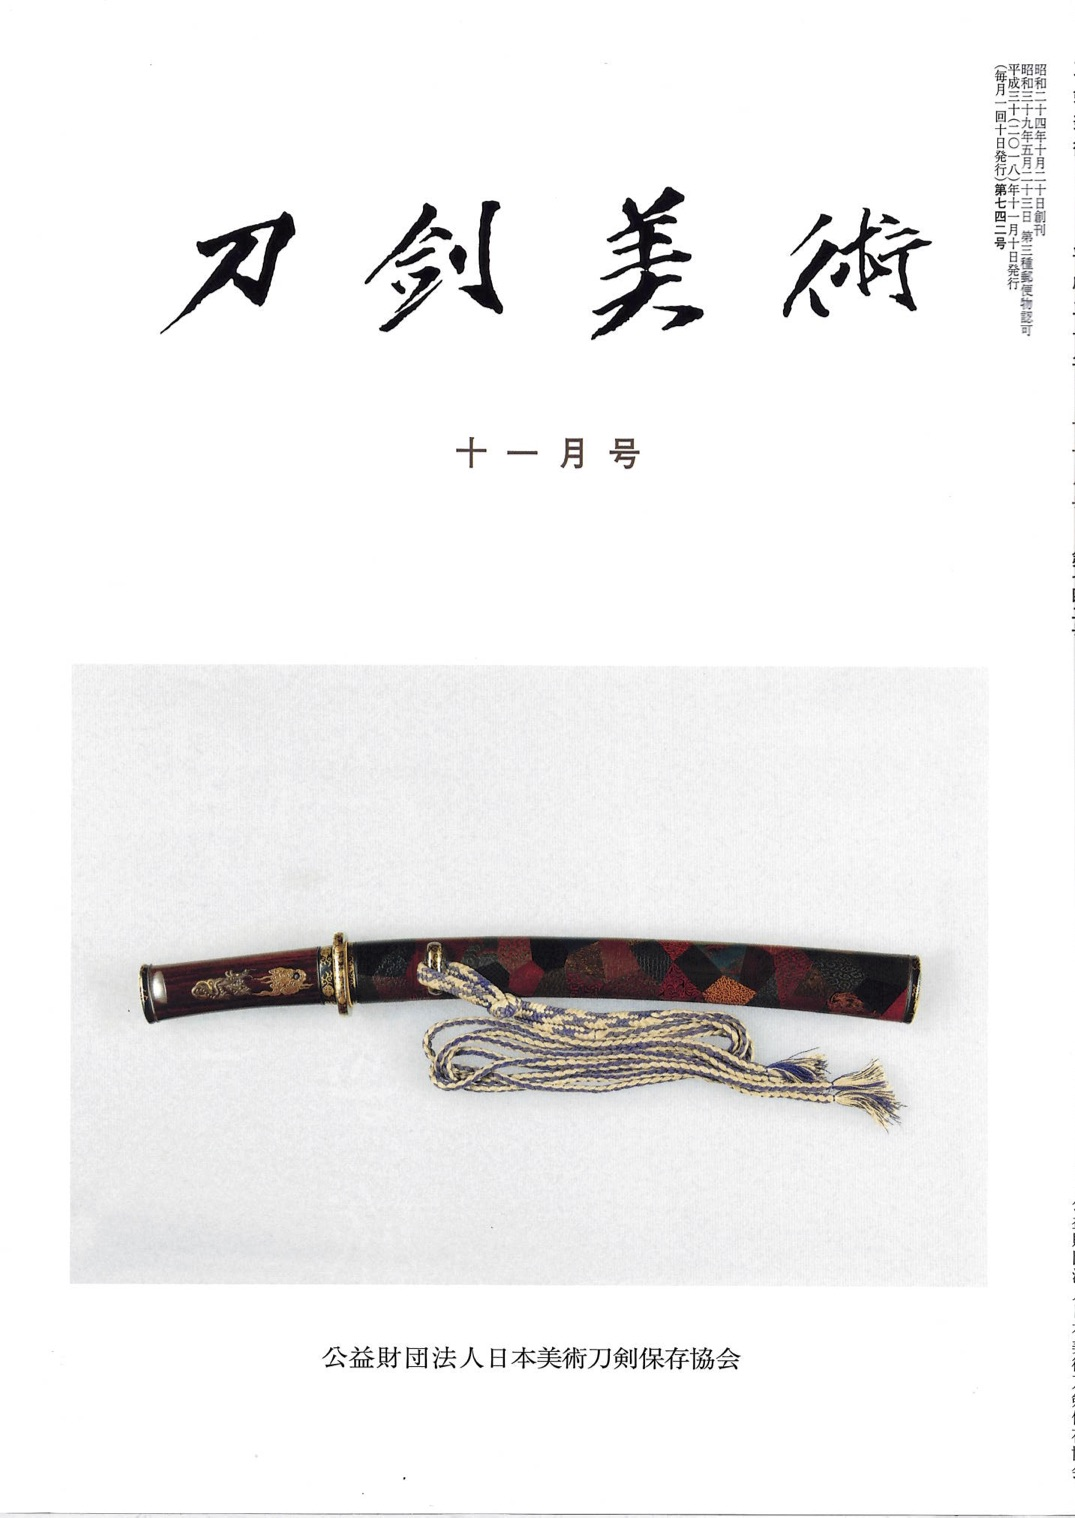 刀剣美術十一月号に掲載されました